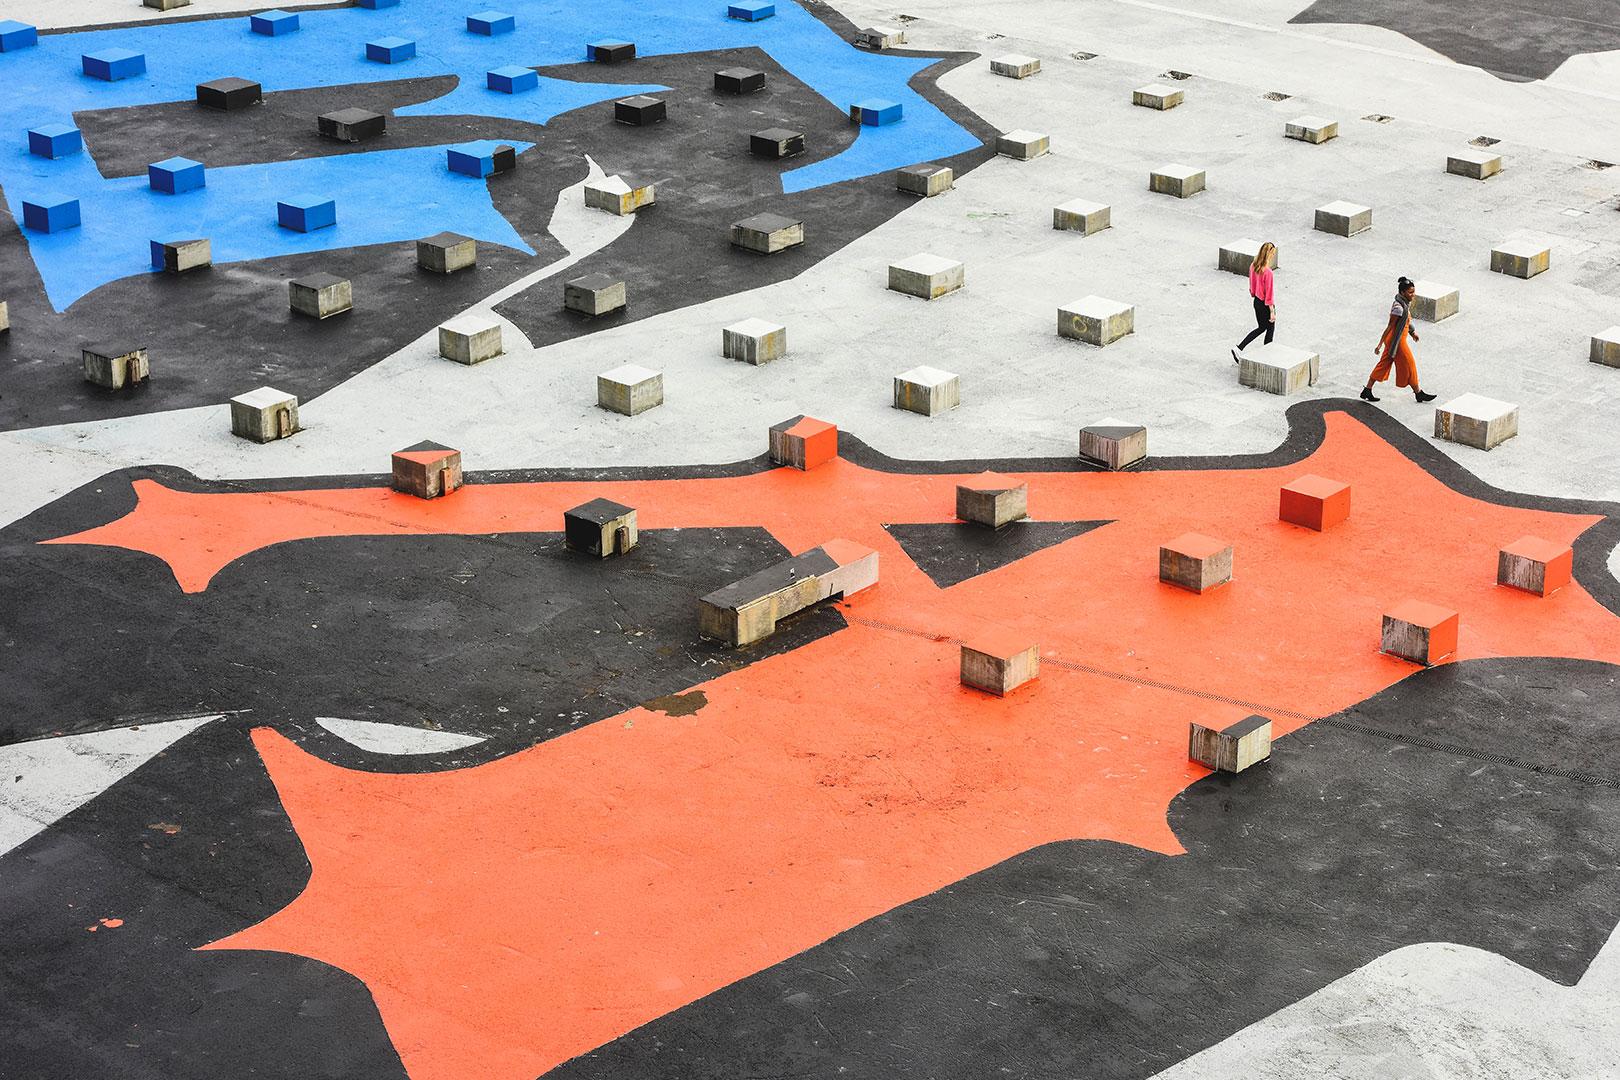 Unkonventionelle Leinwand – Ein 17.500 Quadratmeter großes Kunstwerk